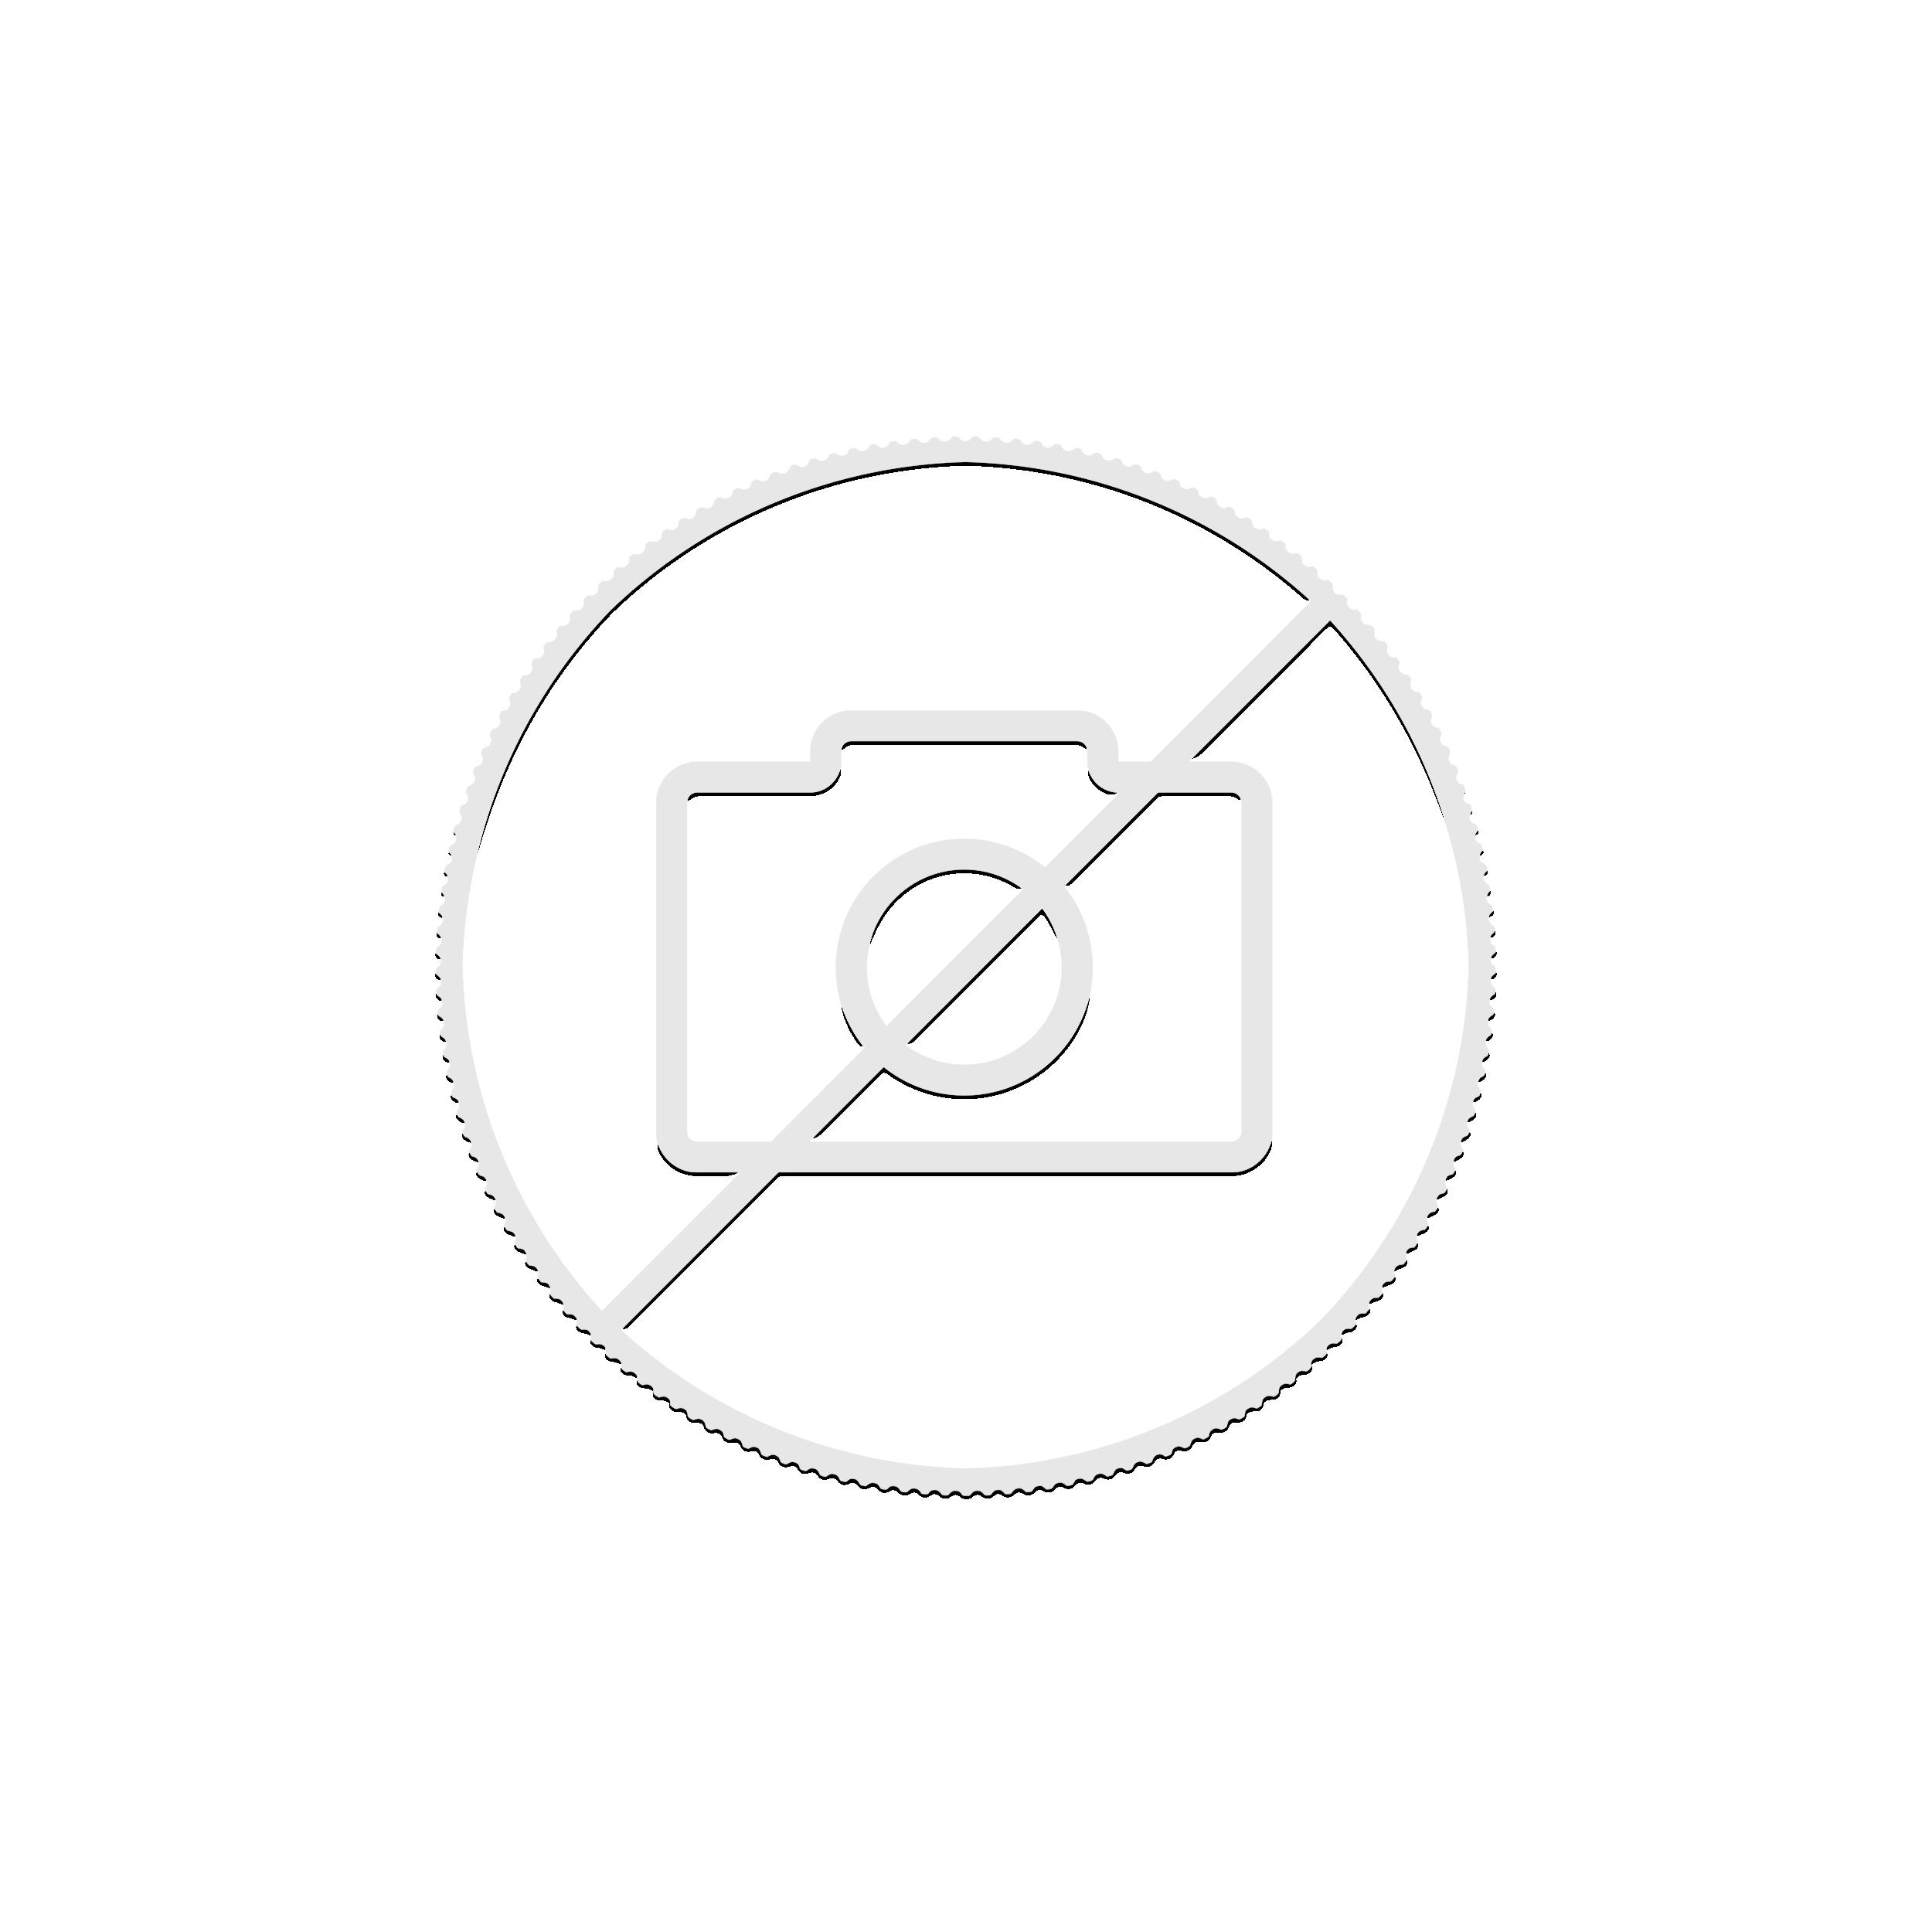 10x 1 gram goldbars from Heraues - Multidisk